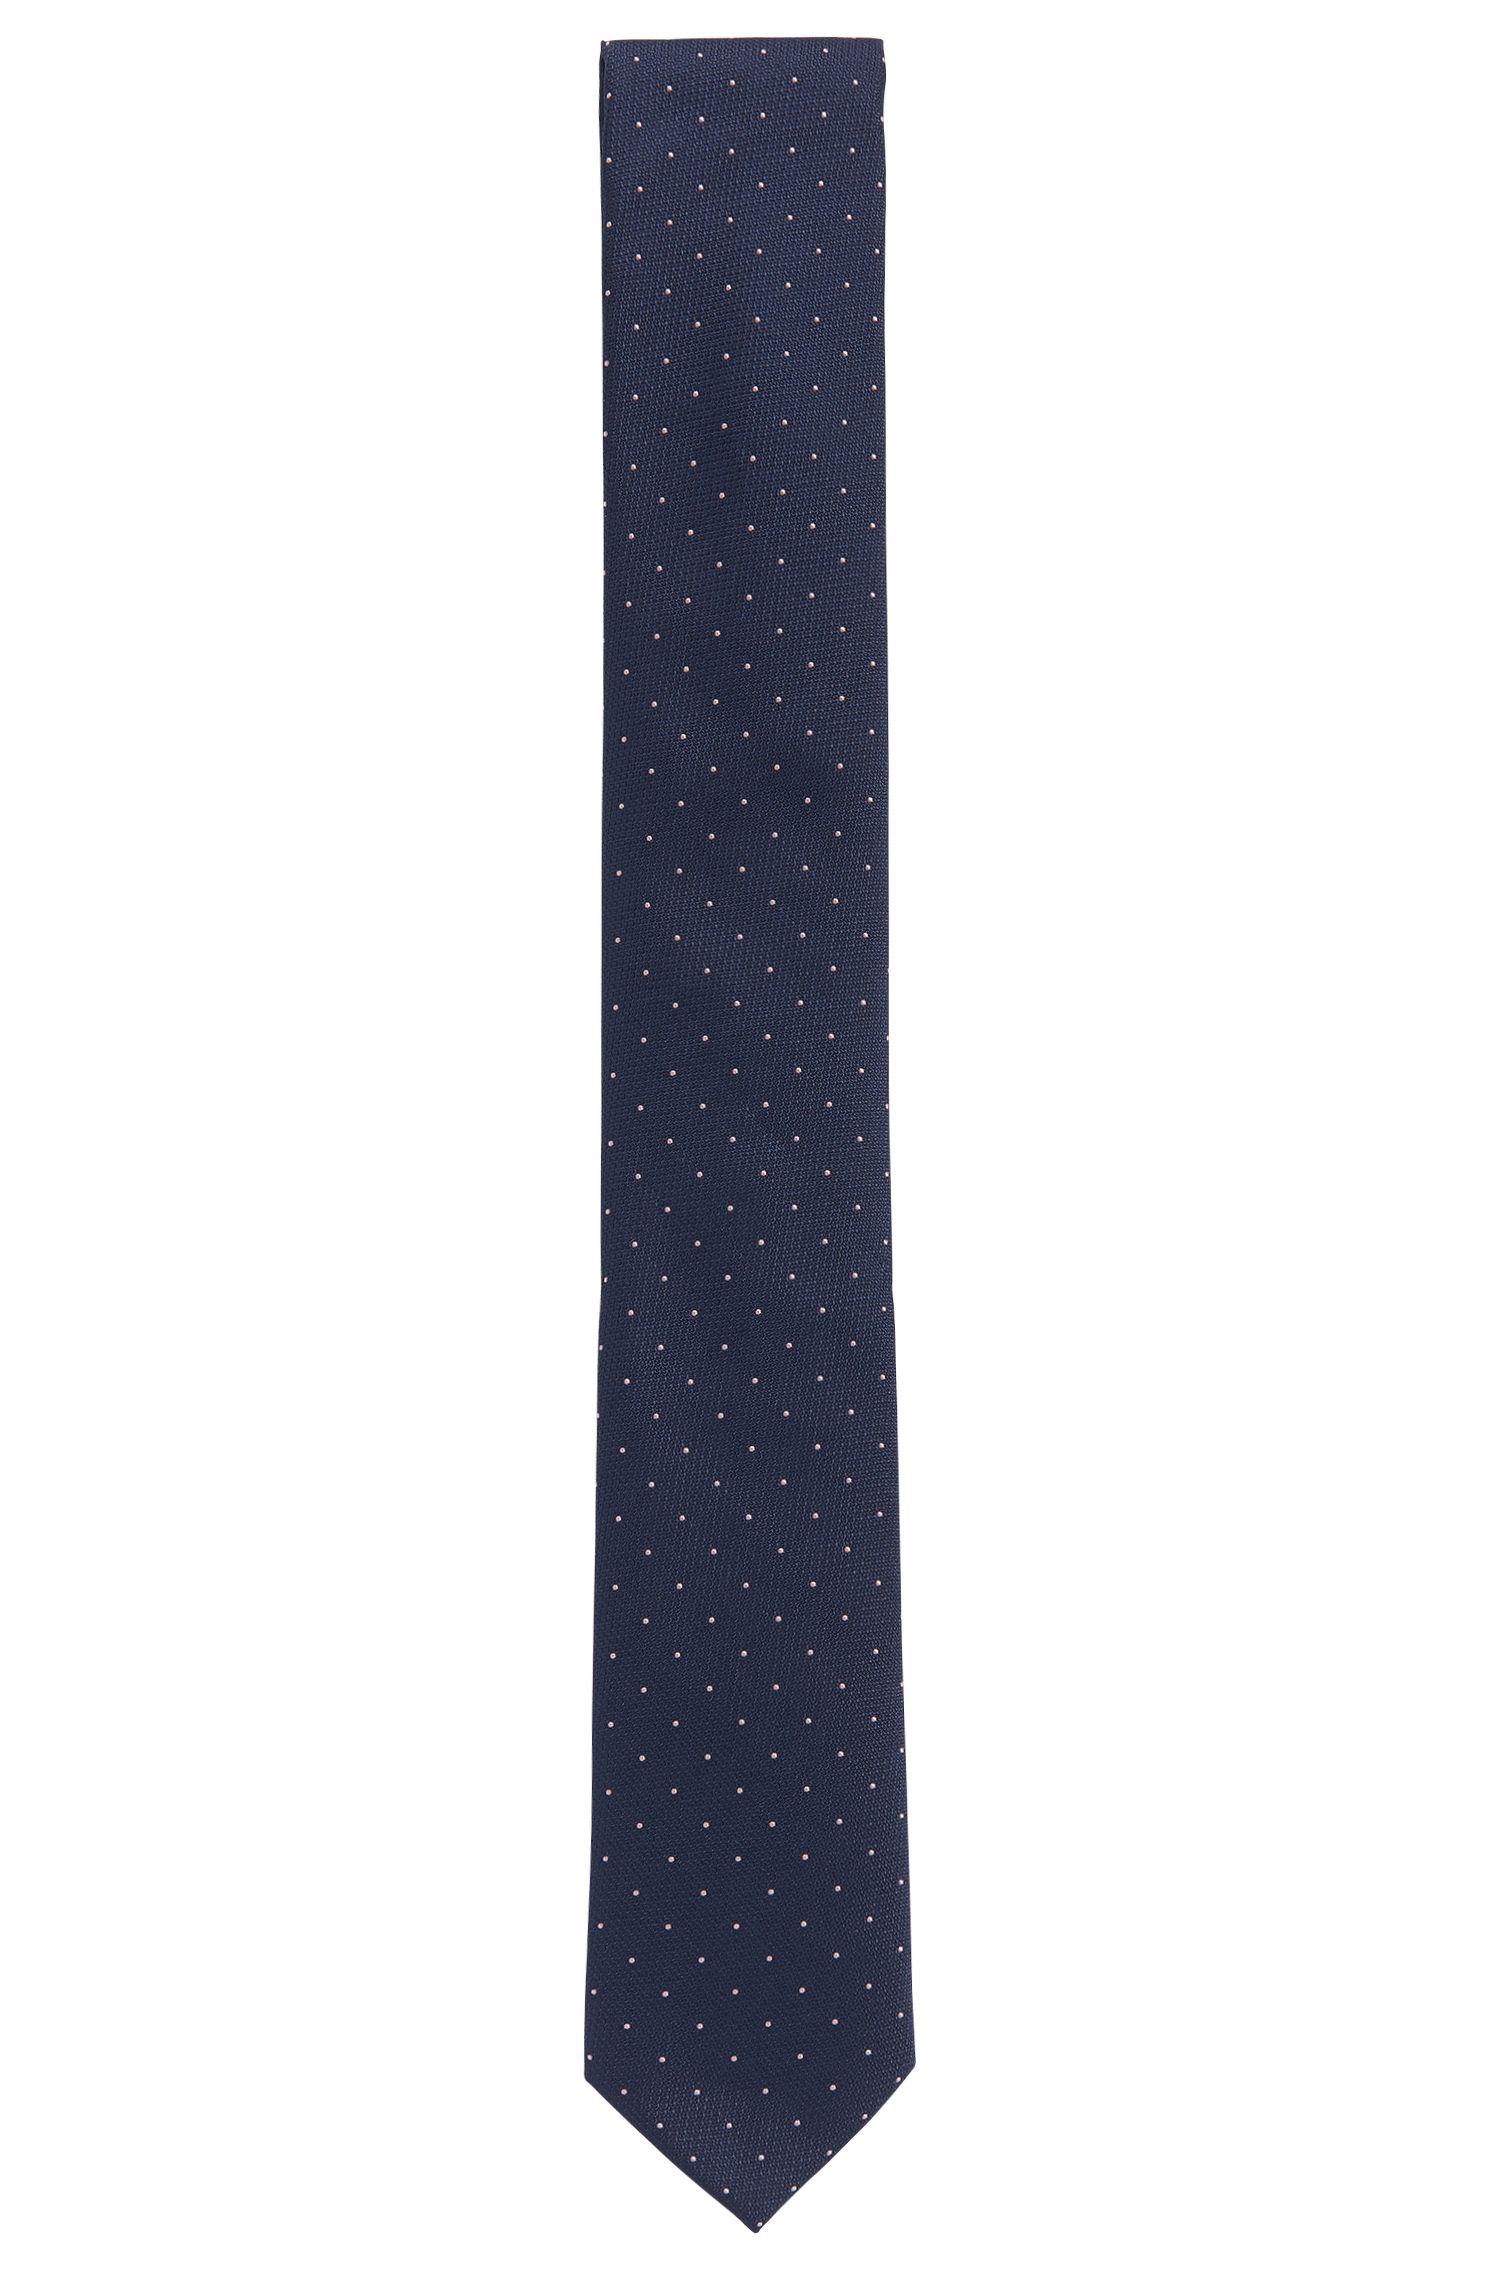 Cravate jacquard en soie fine à motif